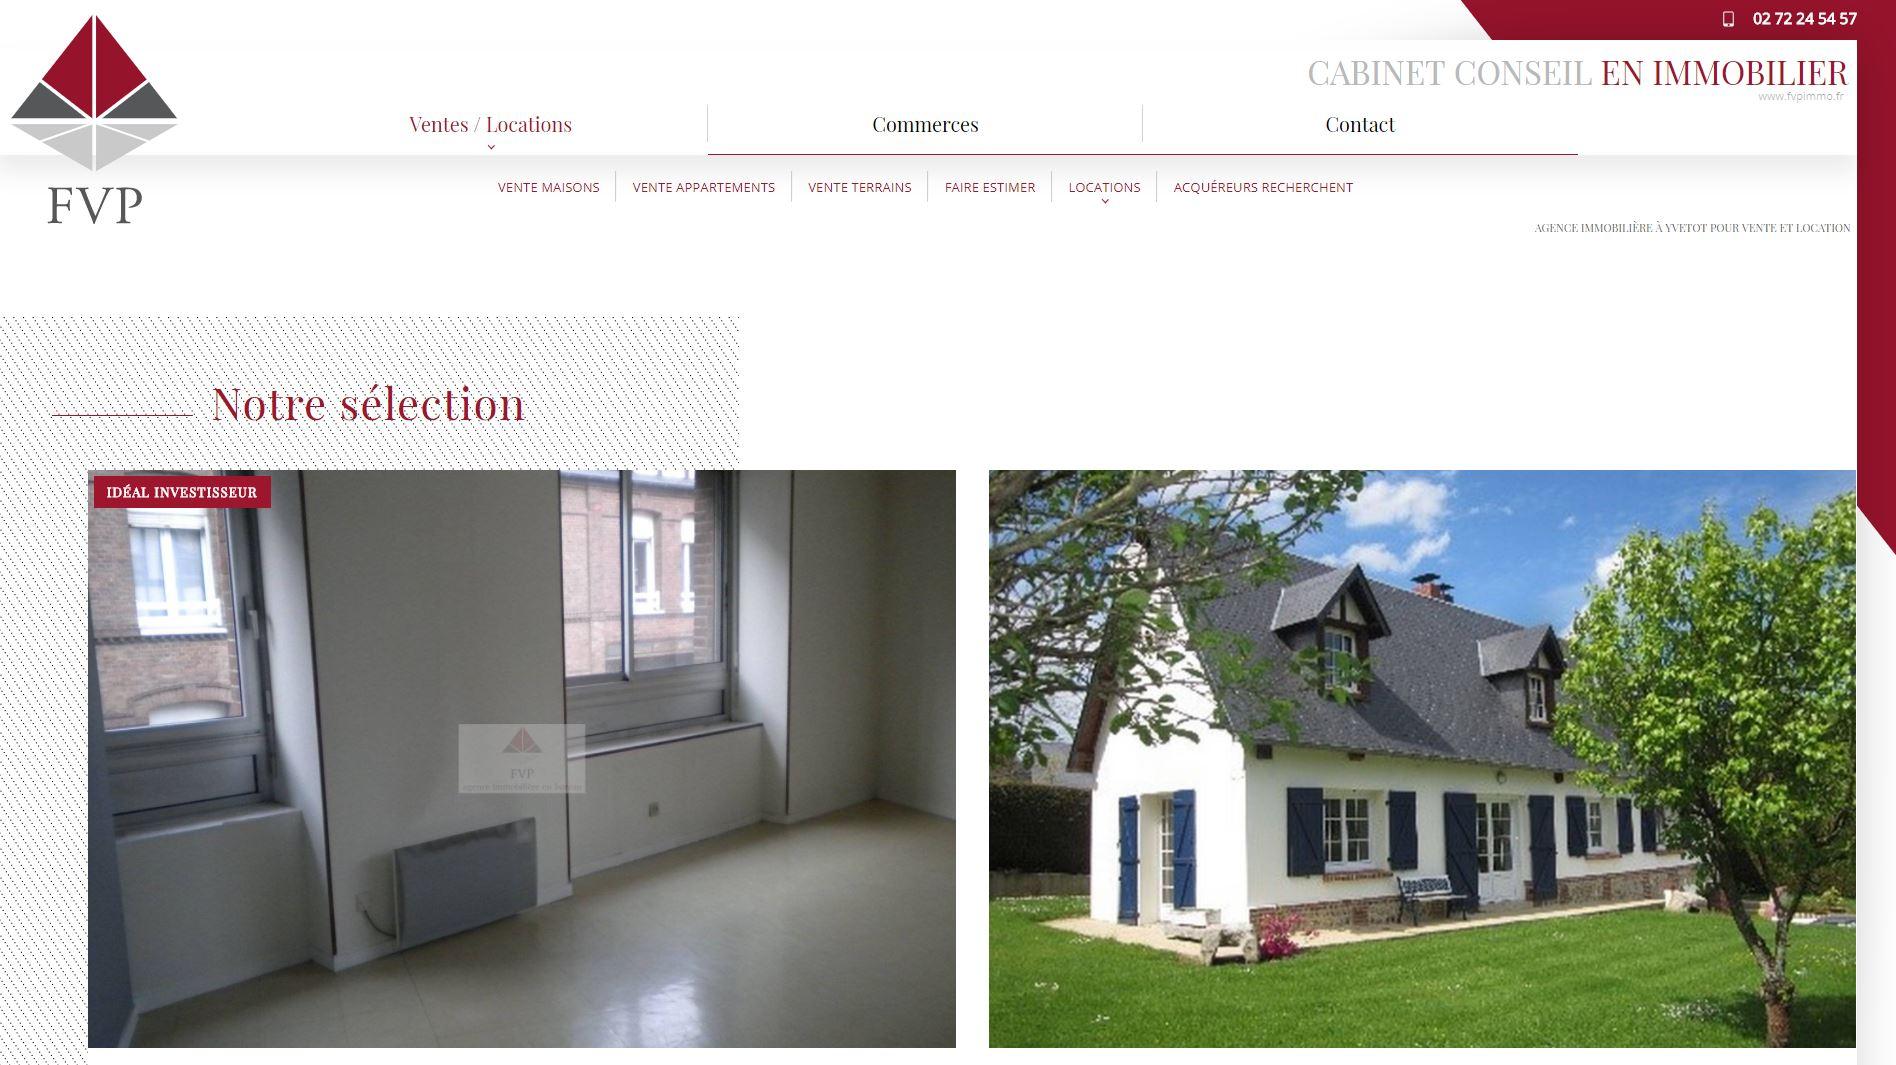 Cabinet conseil en immobilier sur yvetot fvp immobilier for Agence immobiliere yvetot